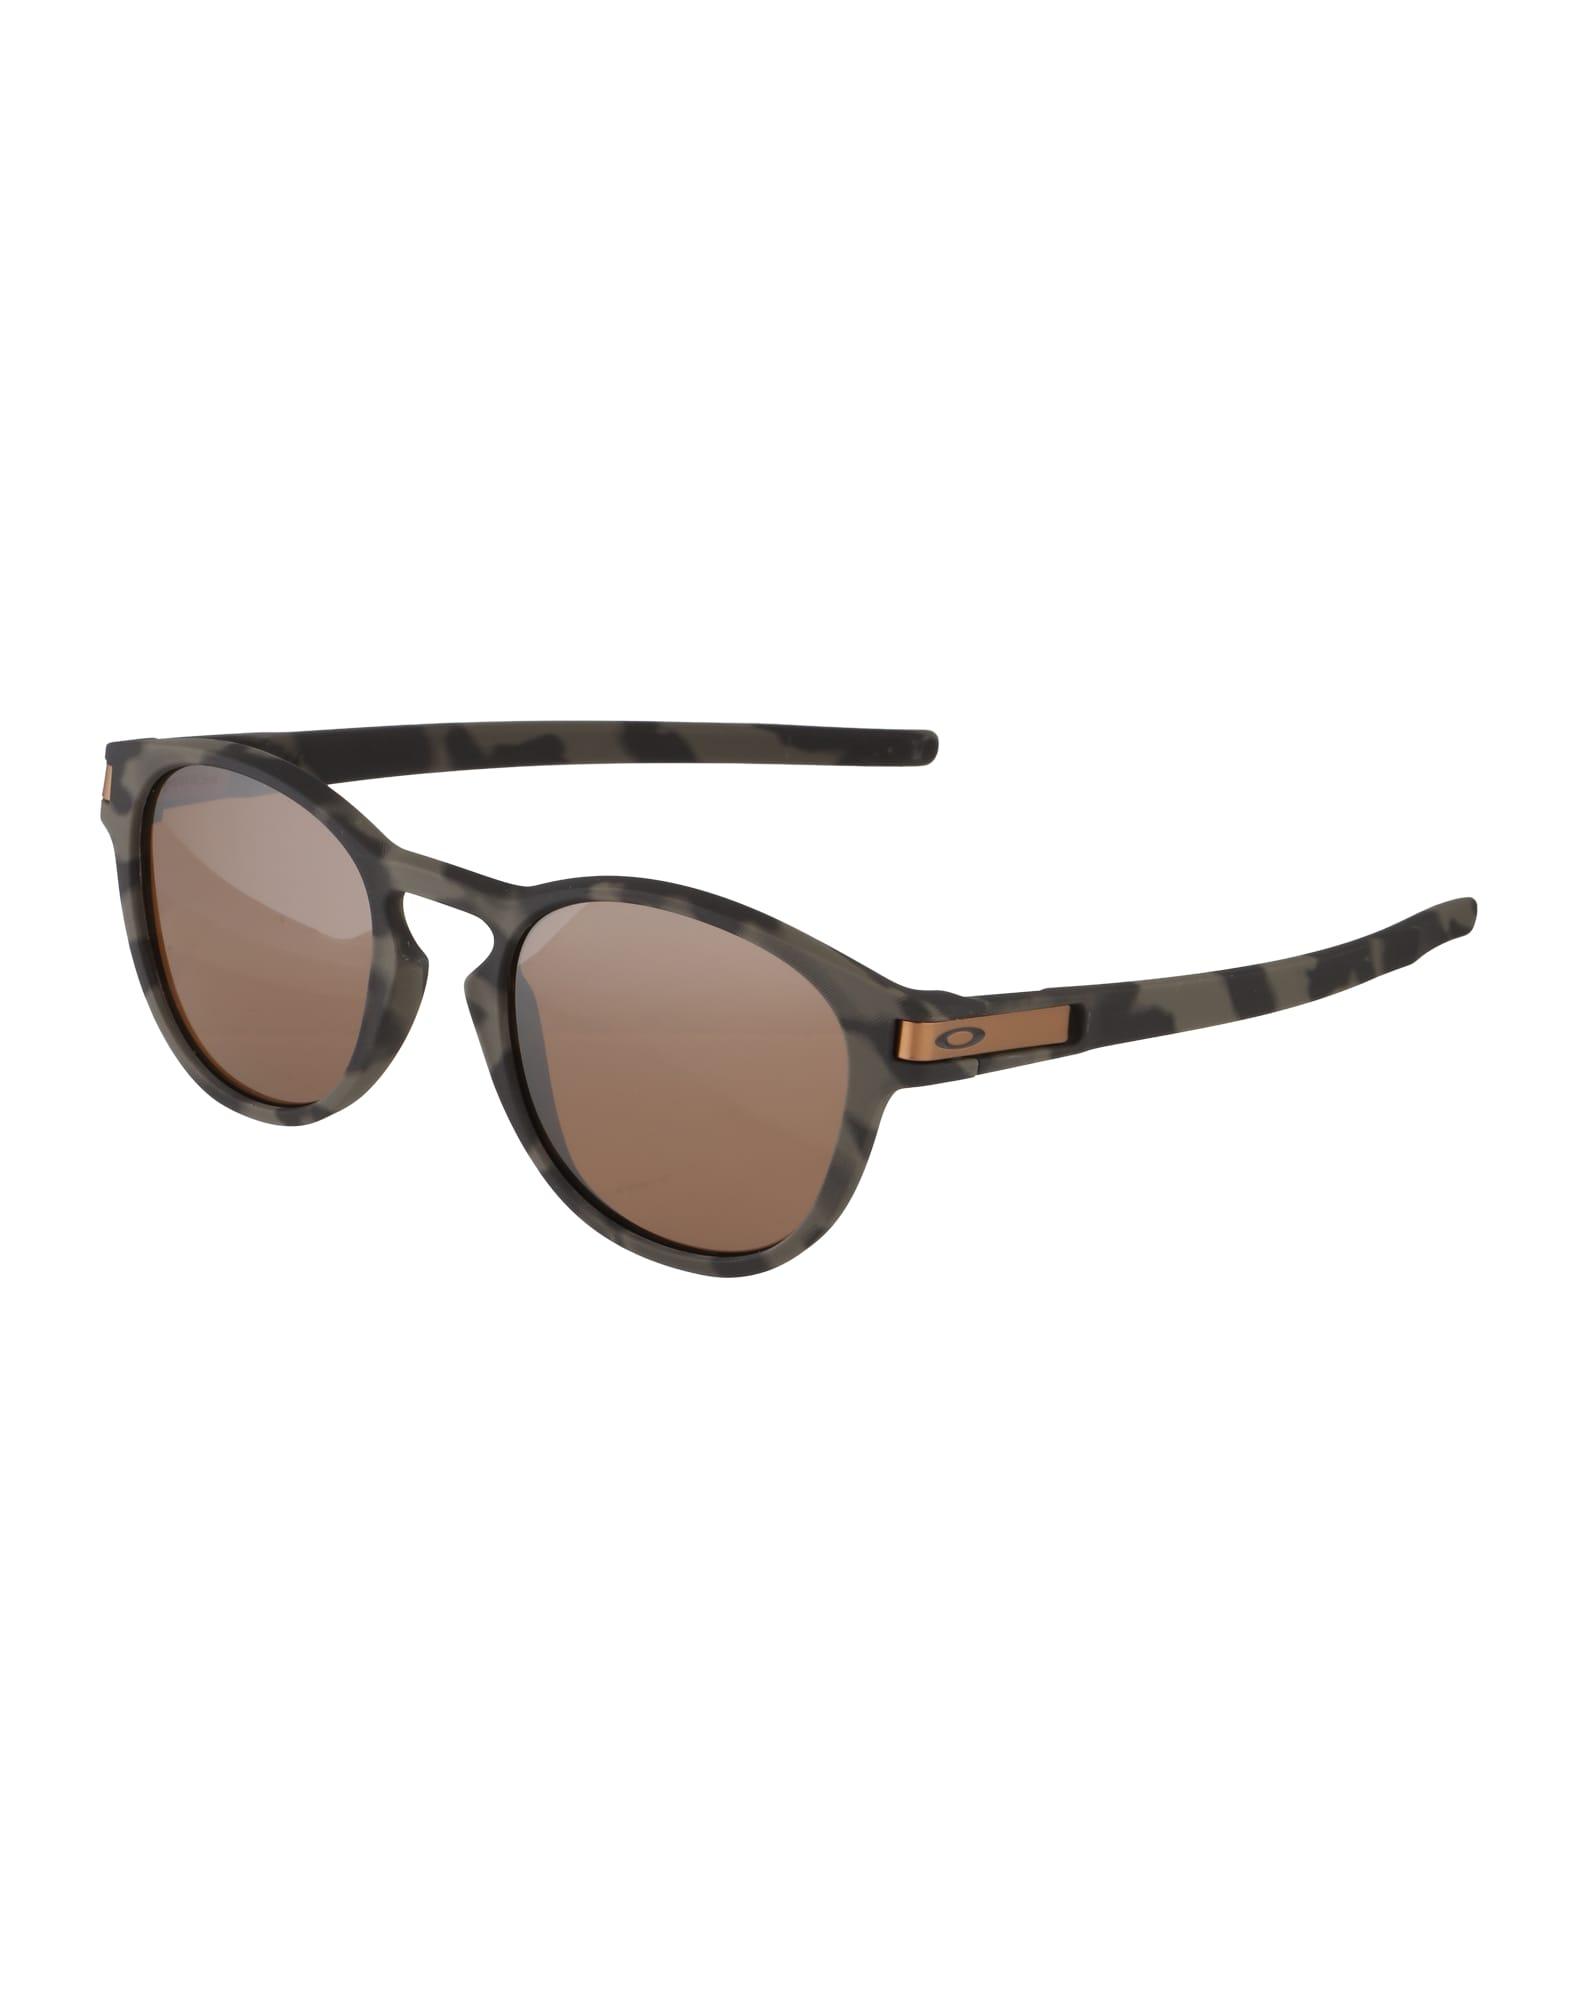 Sluneční brýle Latch olivová OAKLEY